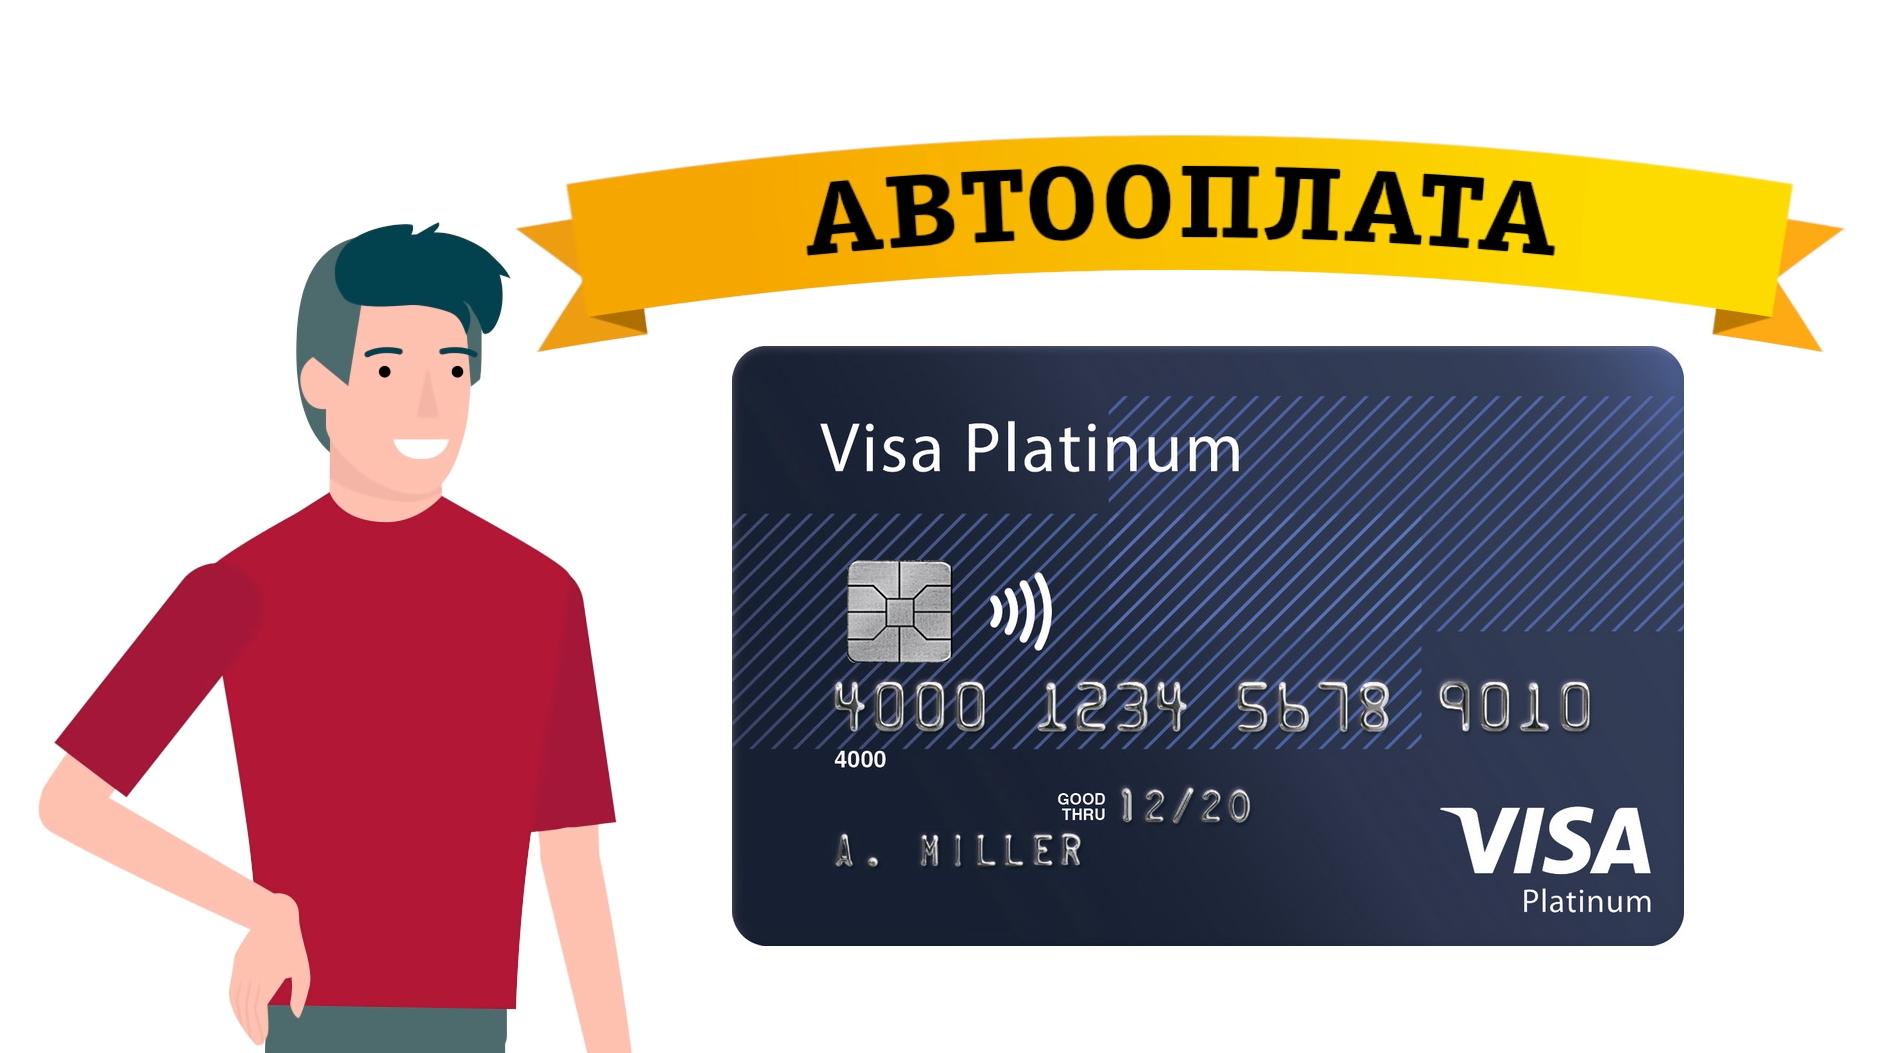 Билайн продлевает акцию «Бесплатный безлимитный интернет в международном роуминге от Visa и Билайн» 1